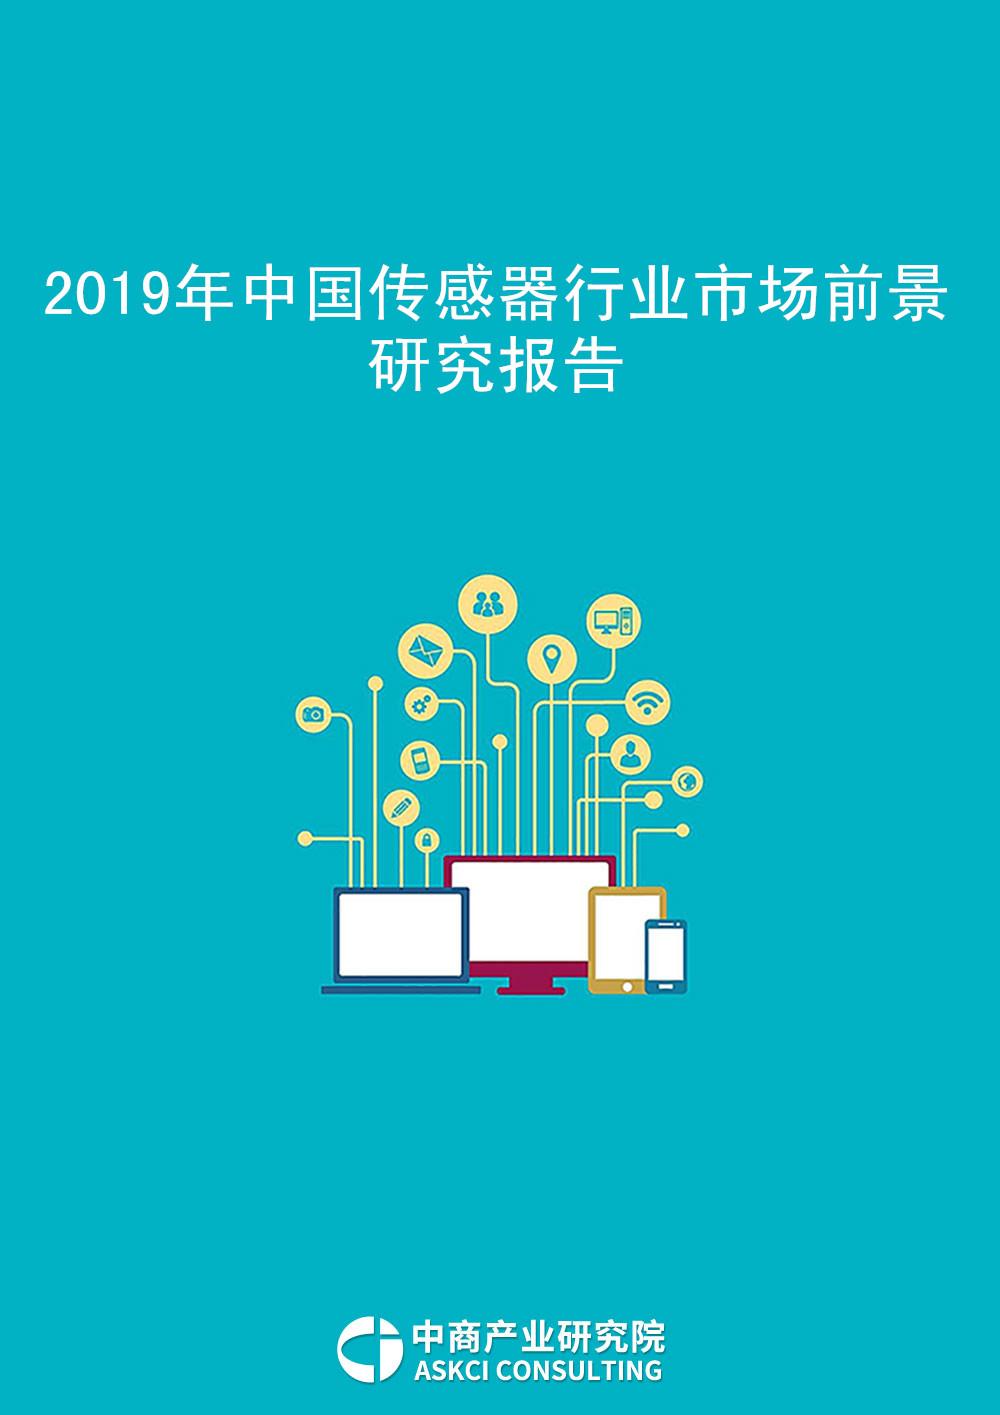 2019年中國傳感器行業市場前景研究報告